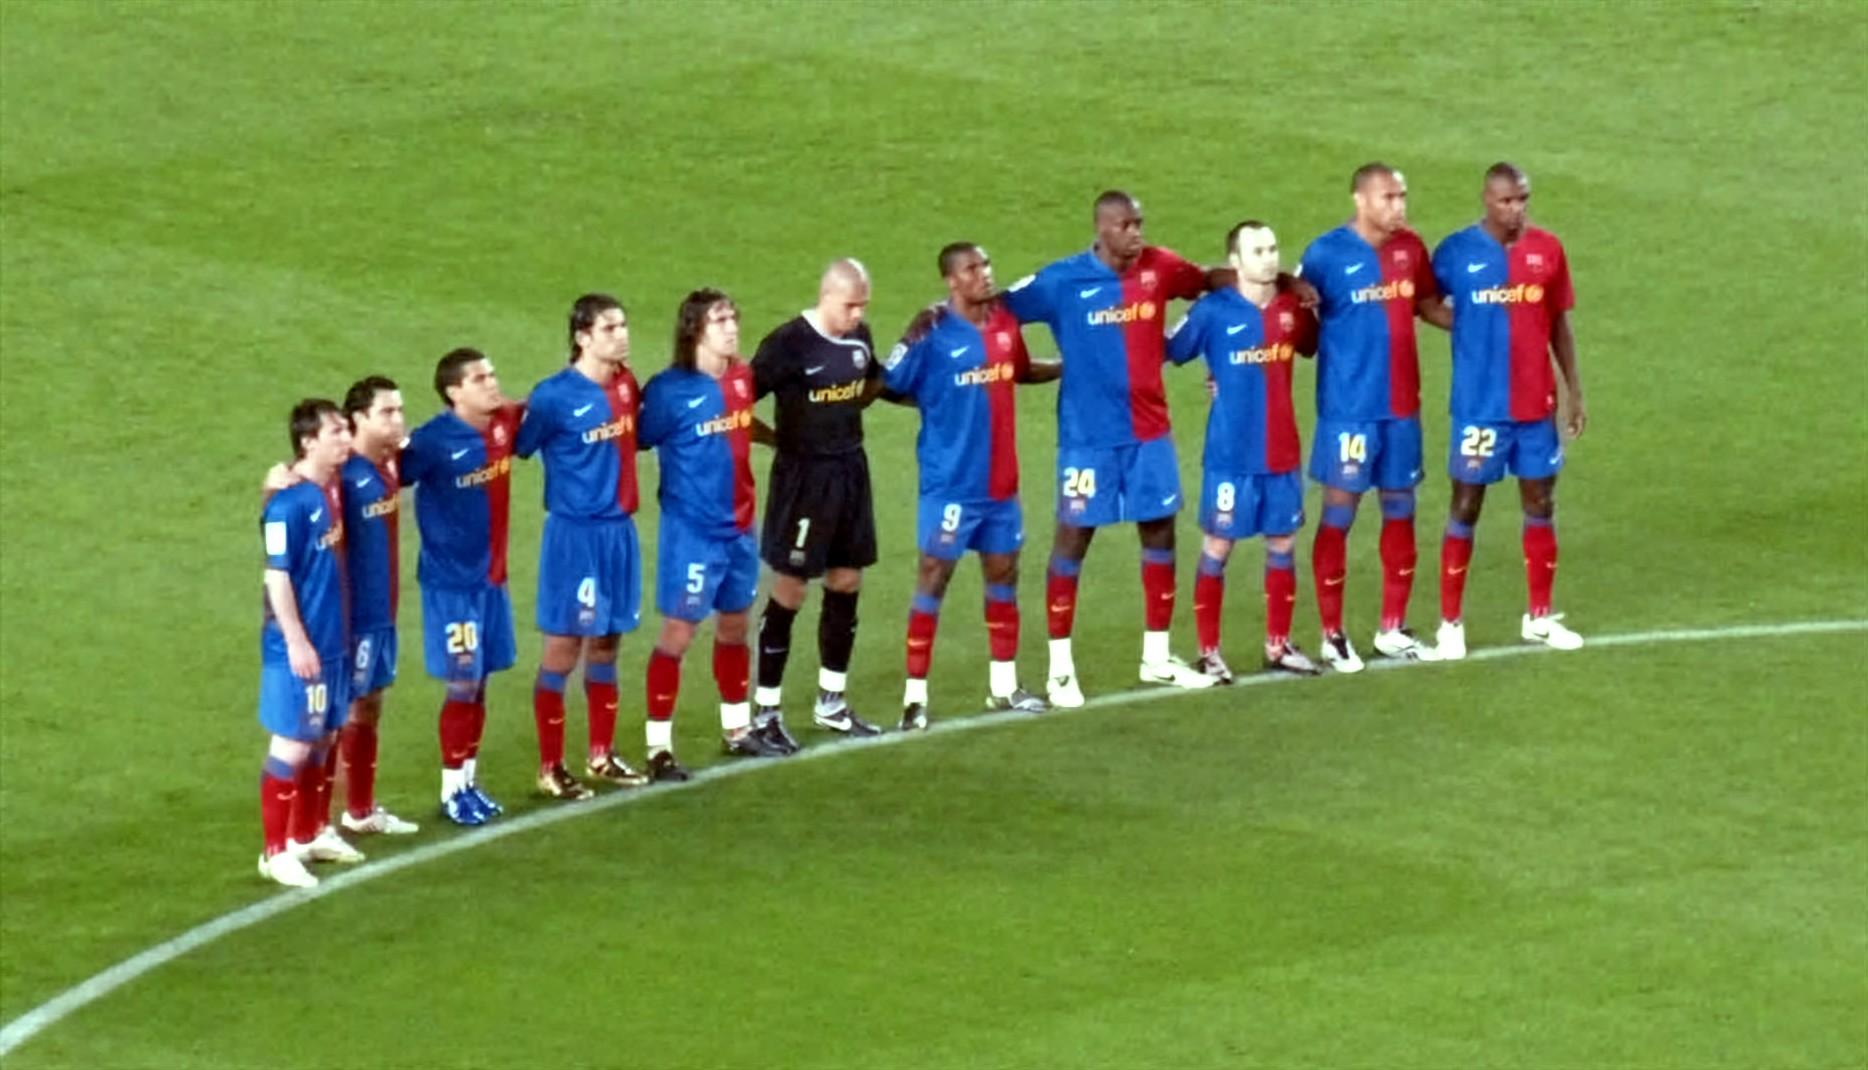 P/óster art/ístico del FC Barcelona con texto en ingl/és Part of This Te del jugador de f/útbol 20 x 30 cm